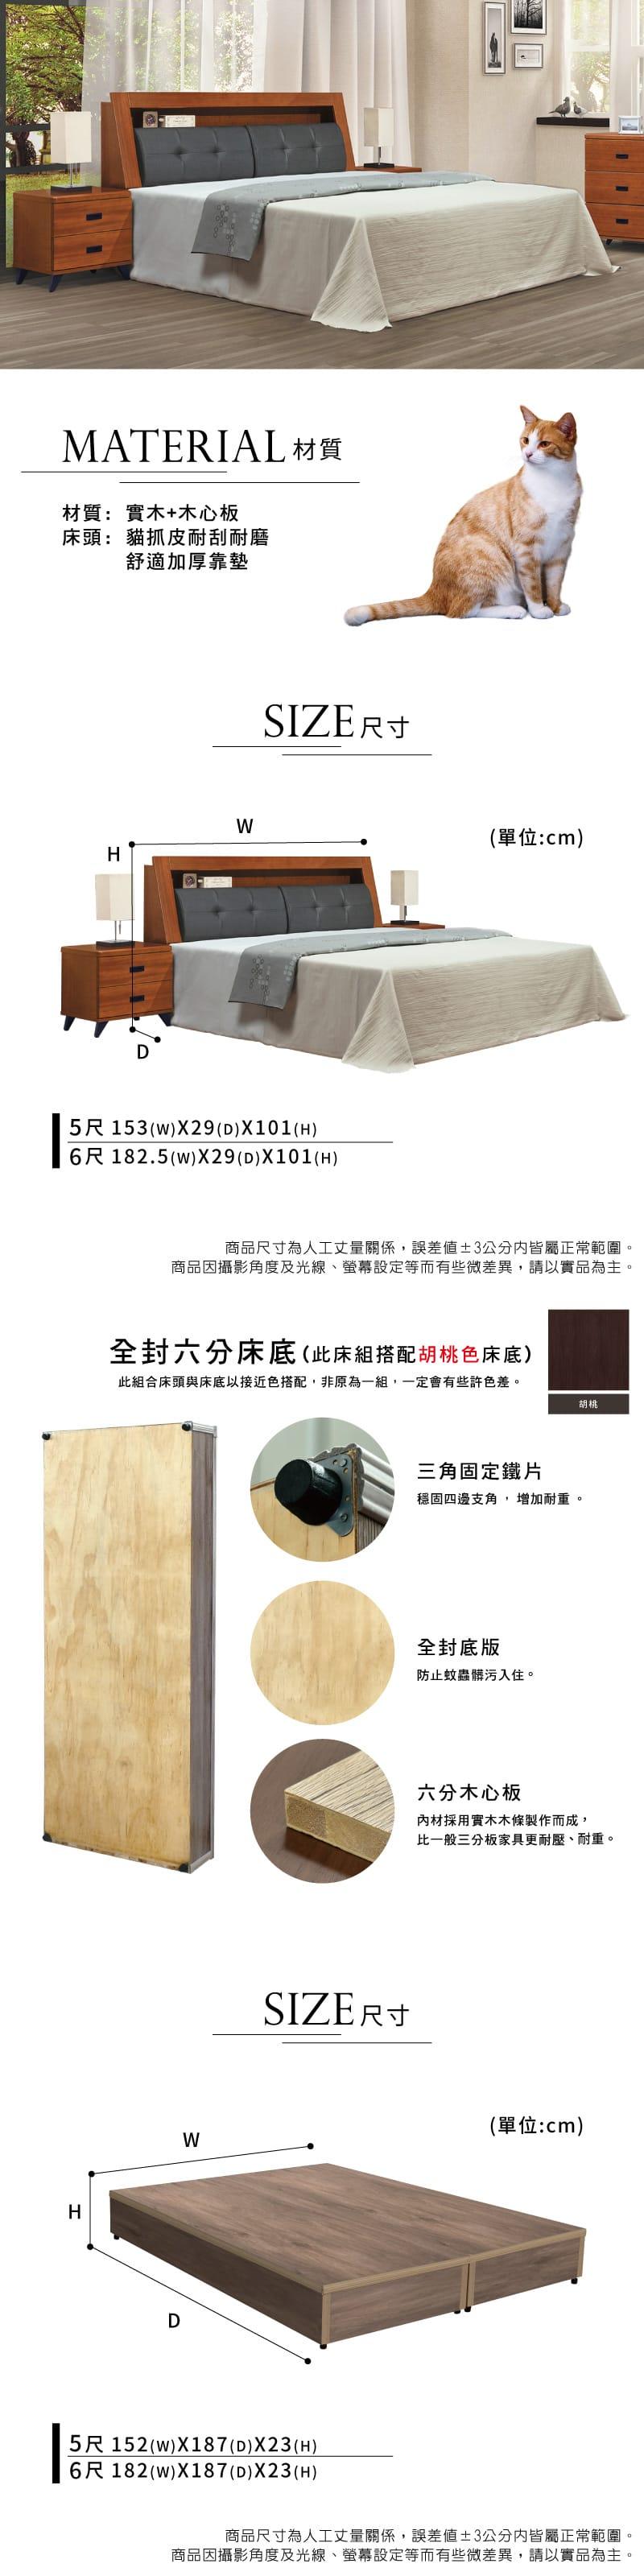 樟木貓抓皮收納床組兩件 雙人加大6尺(床頭箱+床底)